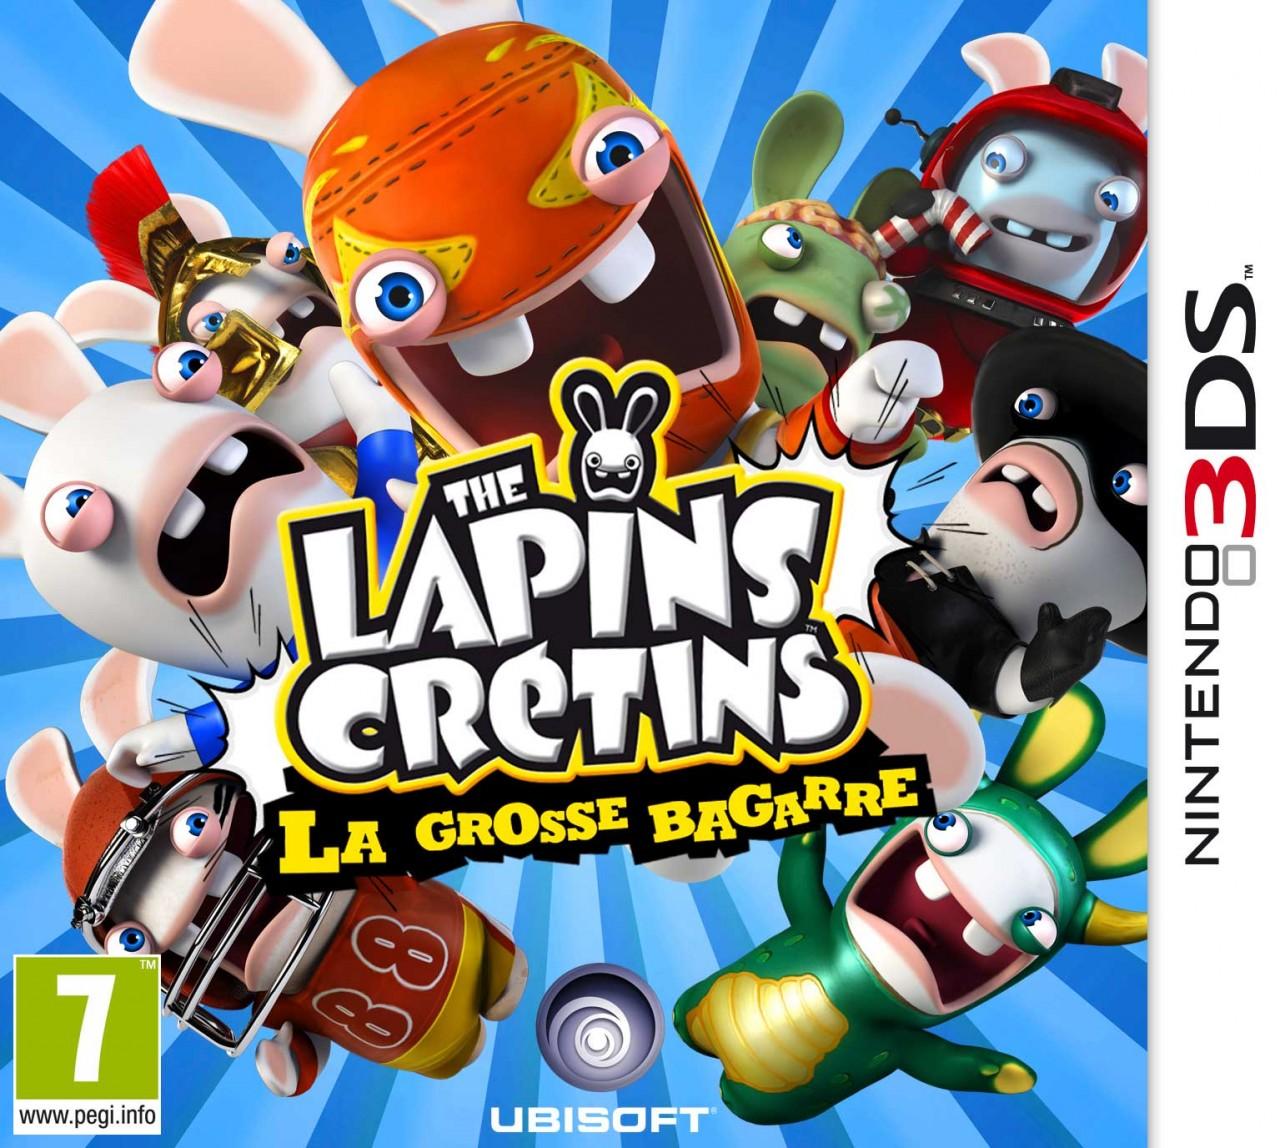 Les lapins cr tins la vid o des jo de londres 2012 - Jeux lapin cretain gratuit ...